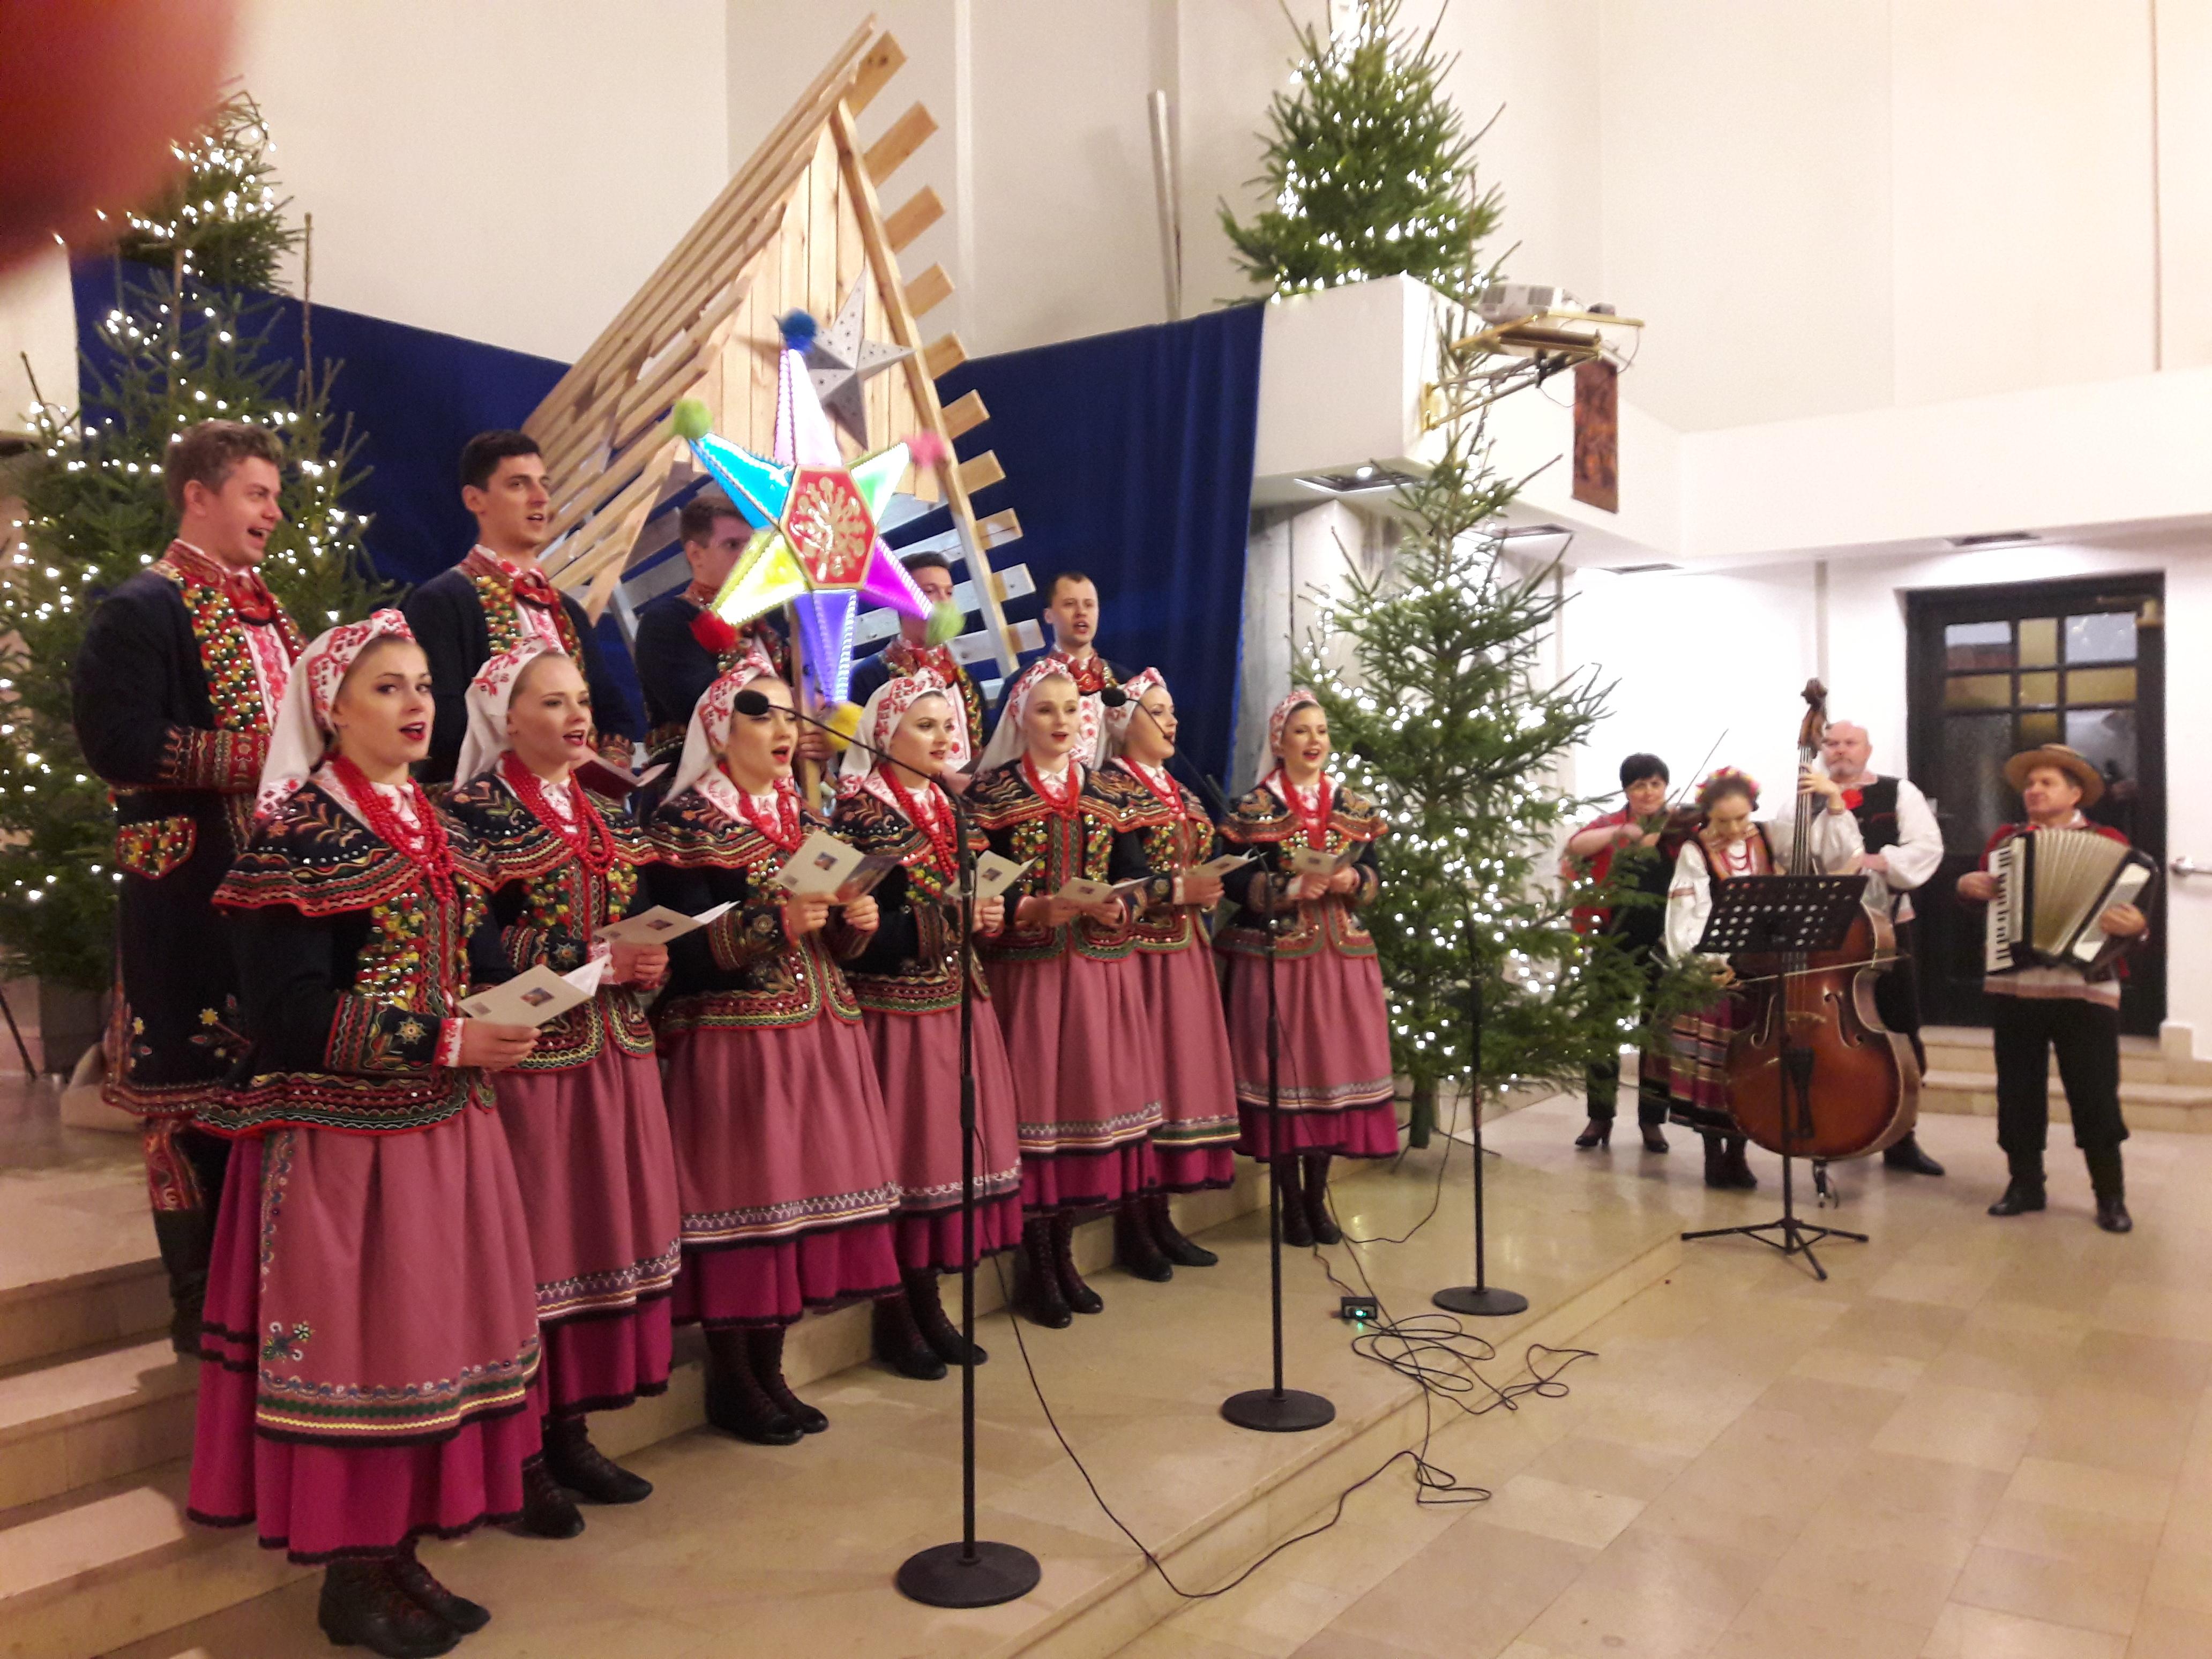 Msza Święta i spotkanie opłatkowe Rady Parafialnej, grup parafialnych i osób pomagających w roznoszeniu opłatków